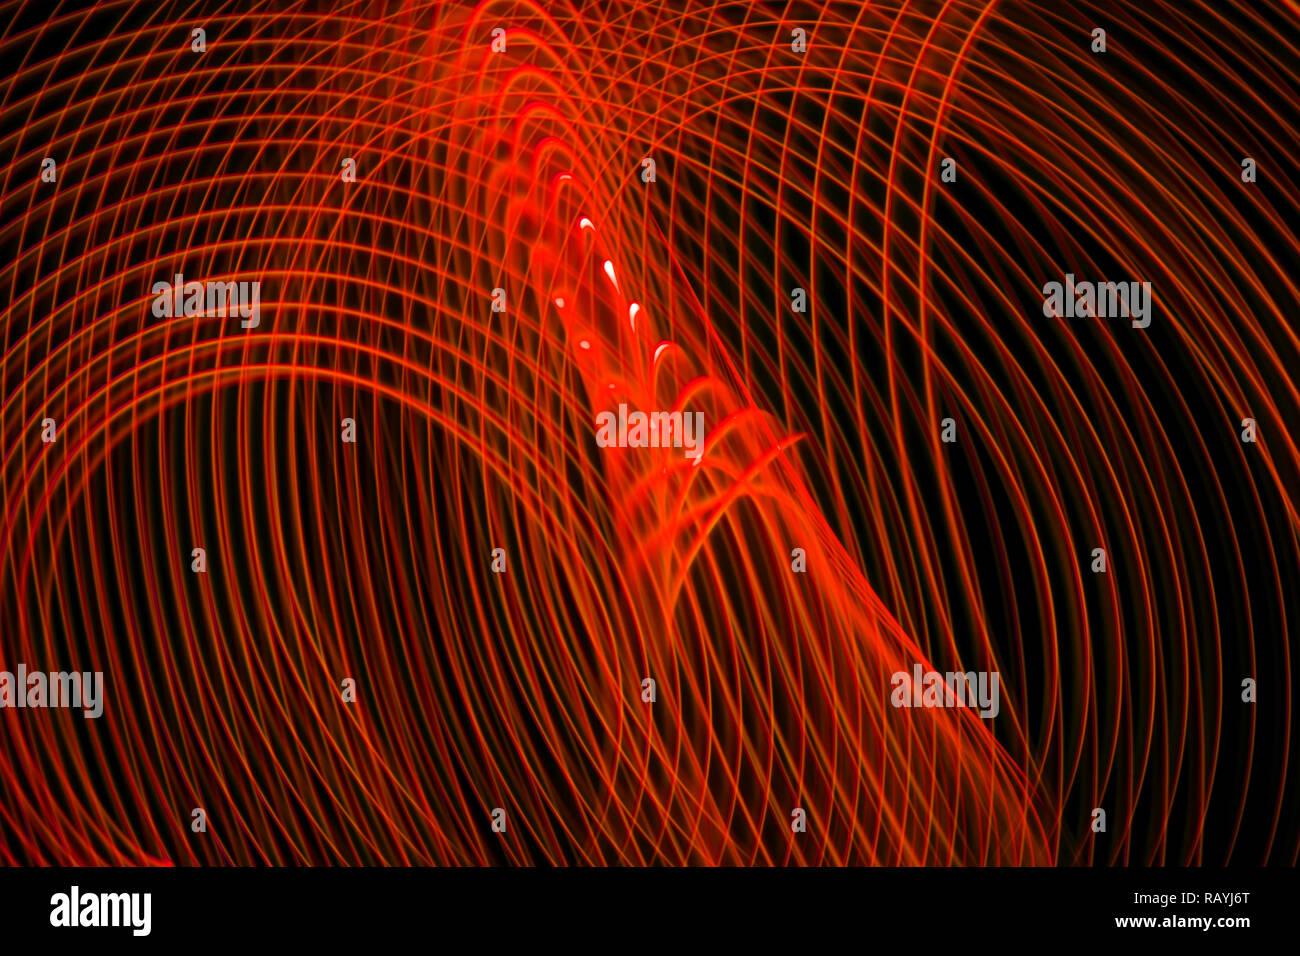 Résumé fond horizontal et vertical de l'interruption des rayures rouges. Arrière-plan de l'affiche pour l'effet glitch, couvrir, concept design, bannières, prés Banque D'Images